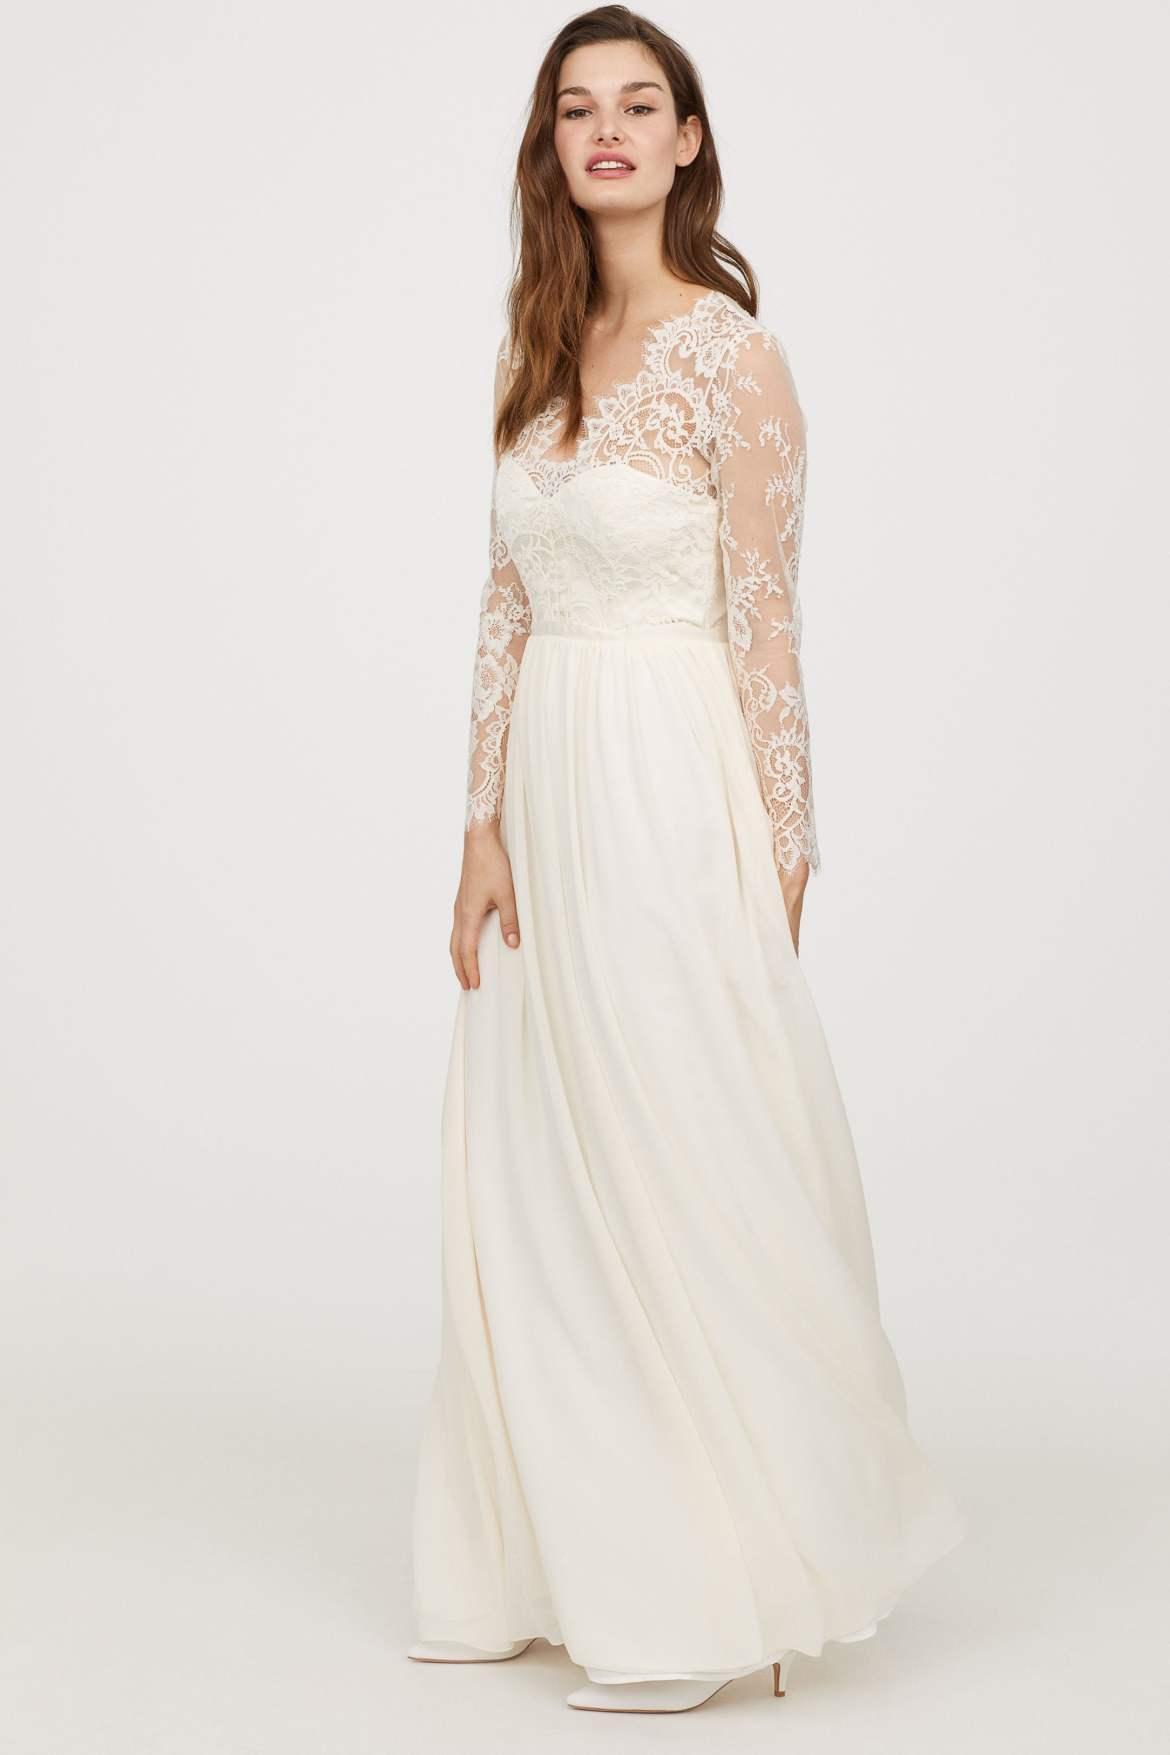 Vestido de noiva barato da H&M Wedding Collection inspirado no vestido da Kate Middleton. Publicado em www.planejandomeucasamento.com.br